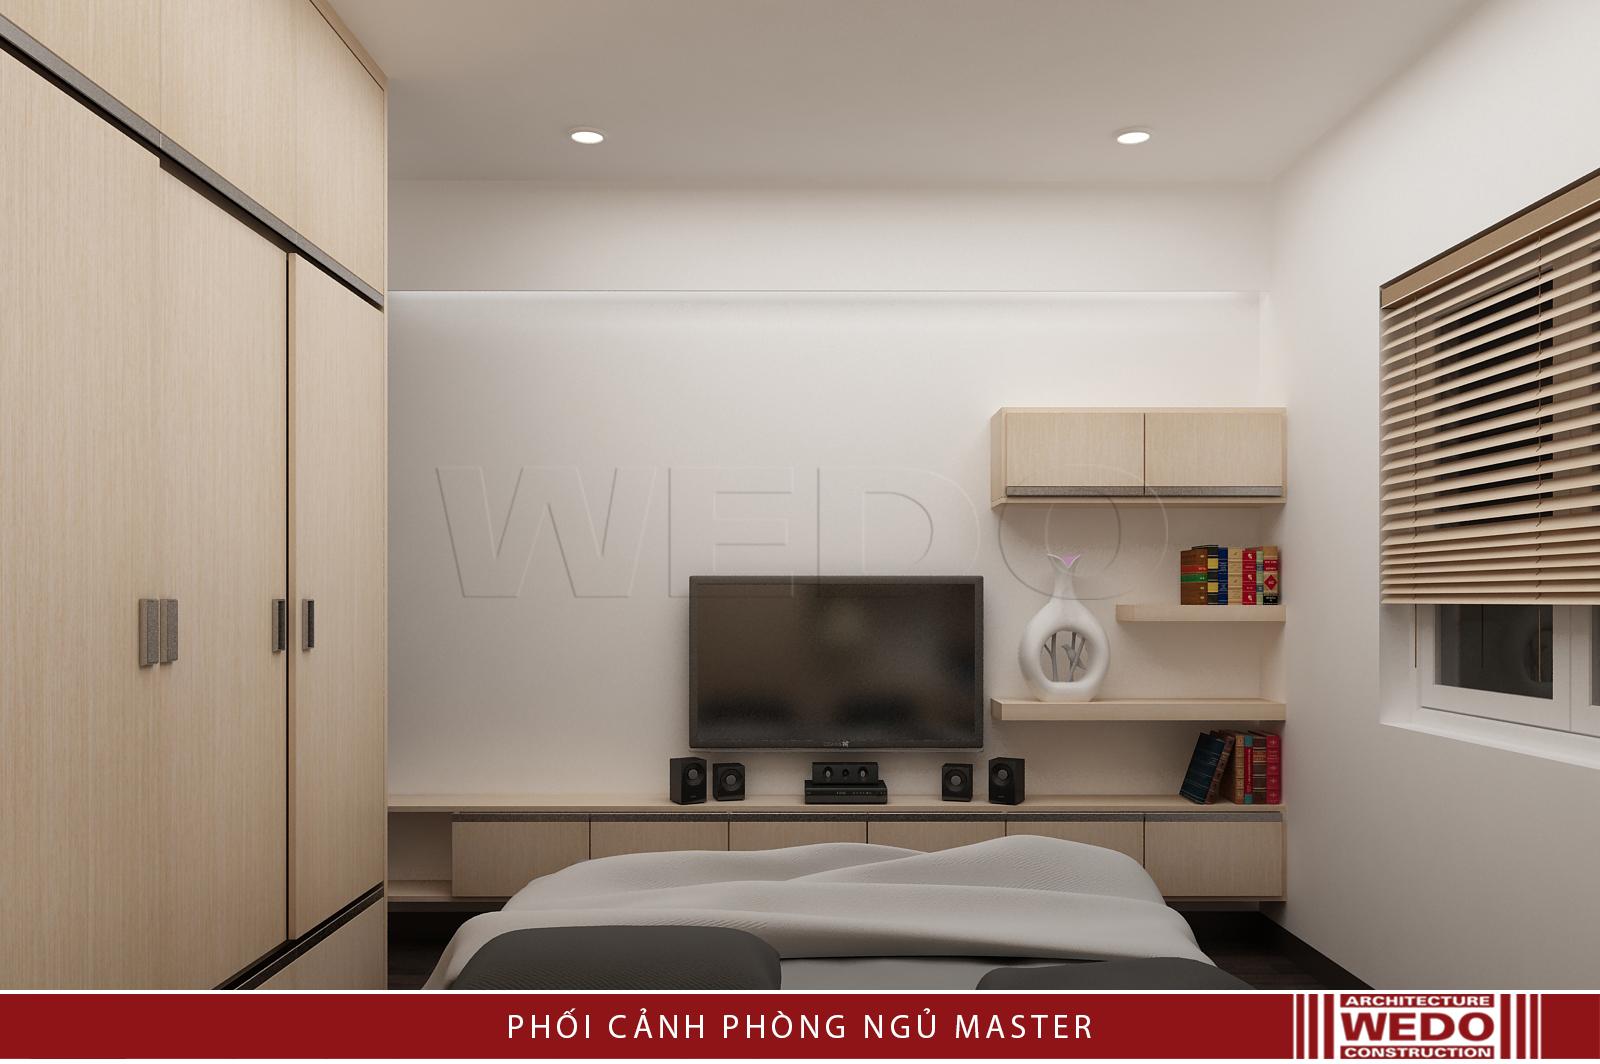 Nội thất phòng ngủ bố mẹ chung cư VP5 - Linh Đàm